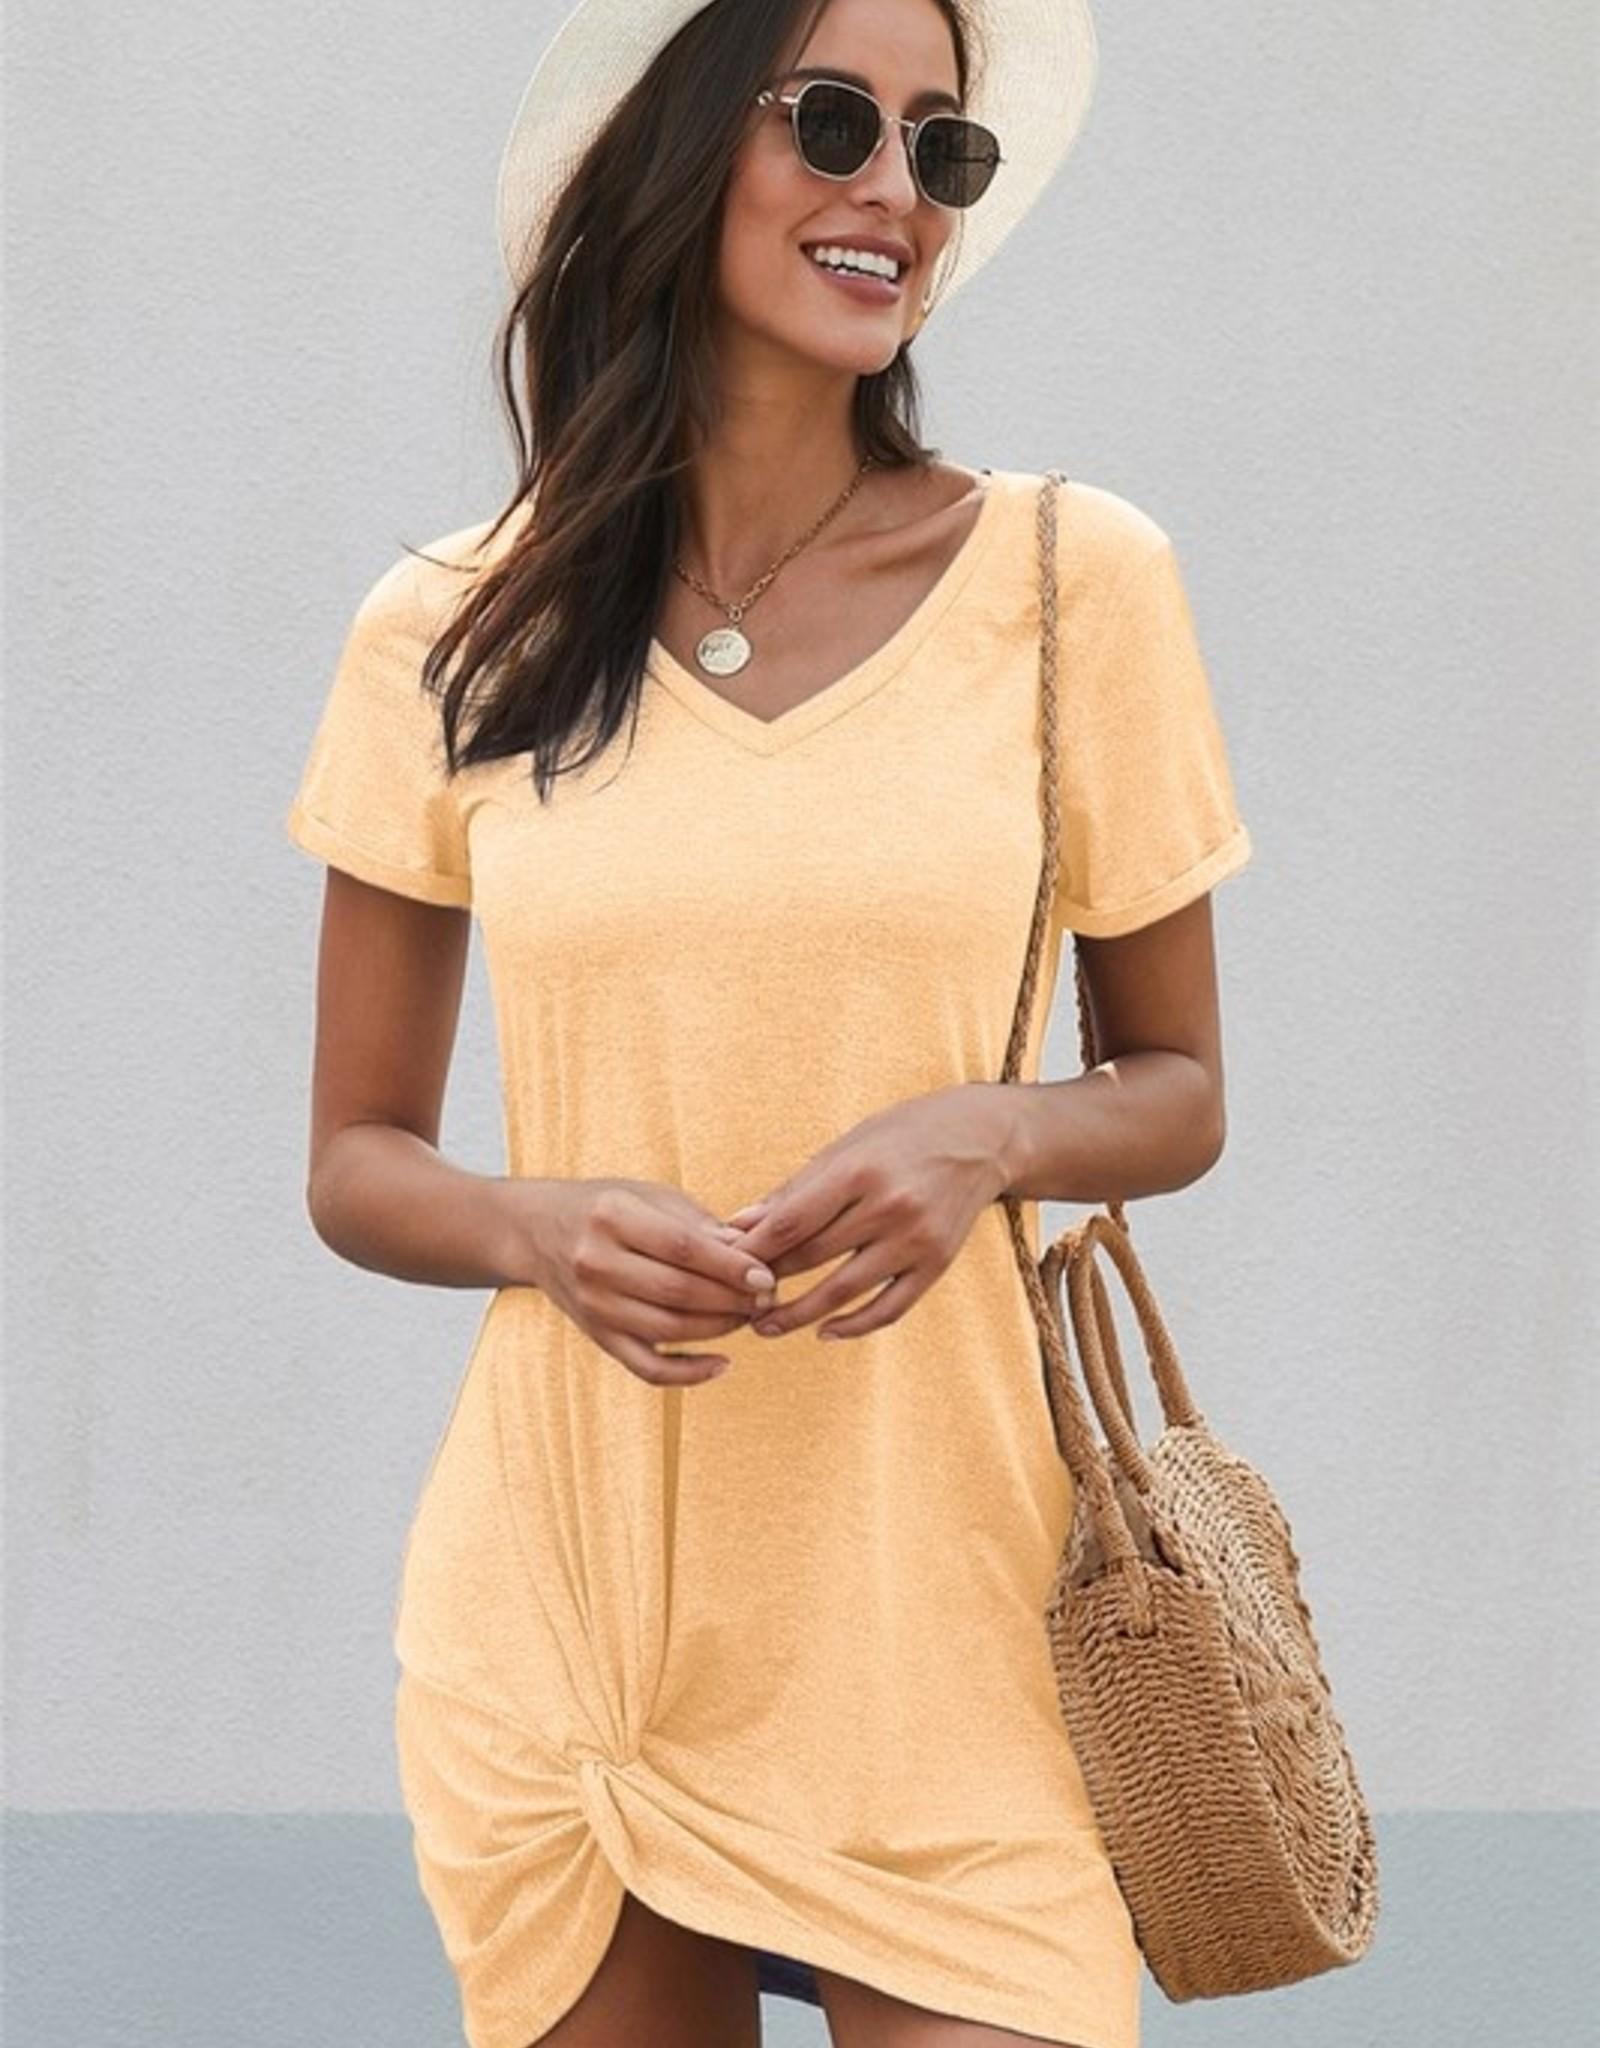 Tee shirt dress